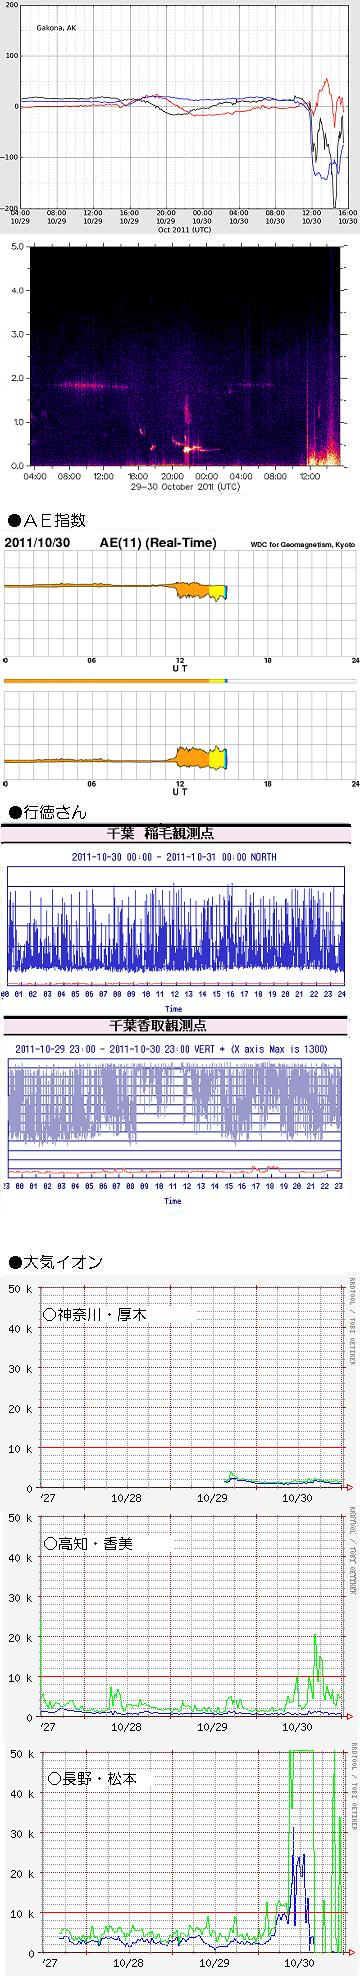 1031-1 データ